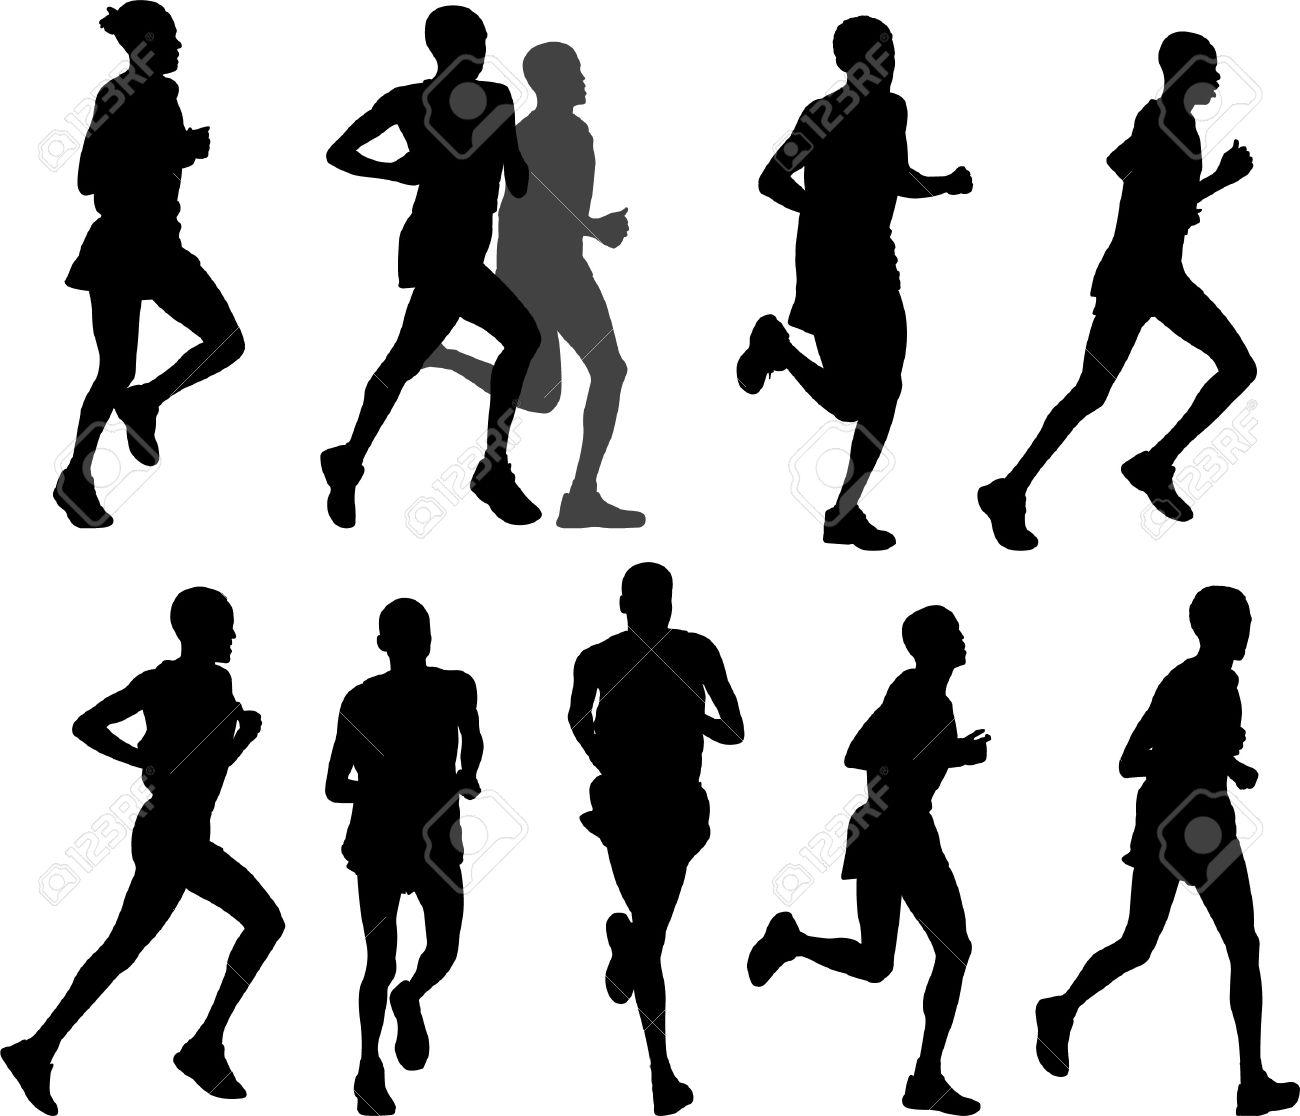 marathon runners - 9427332